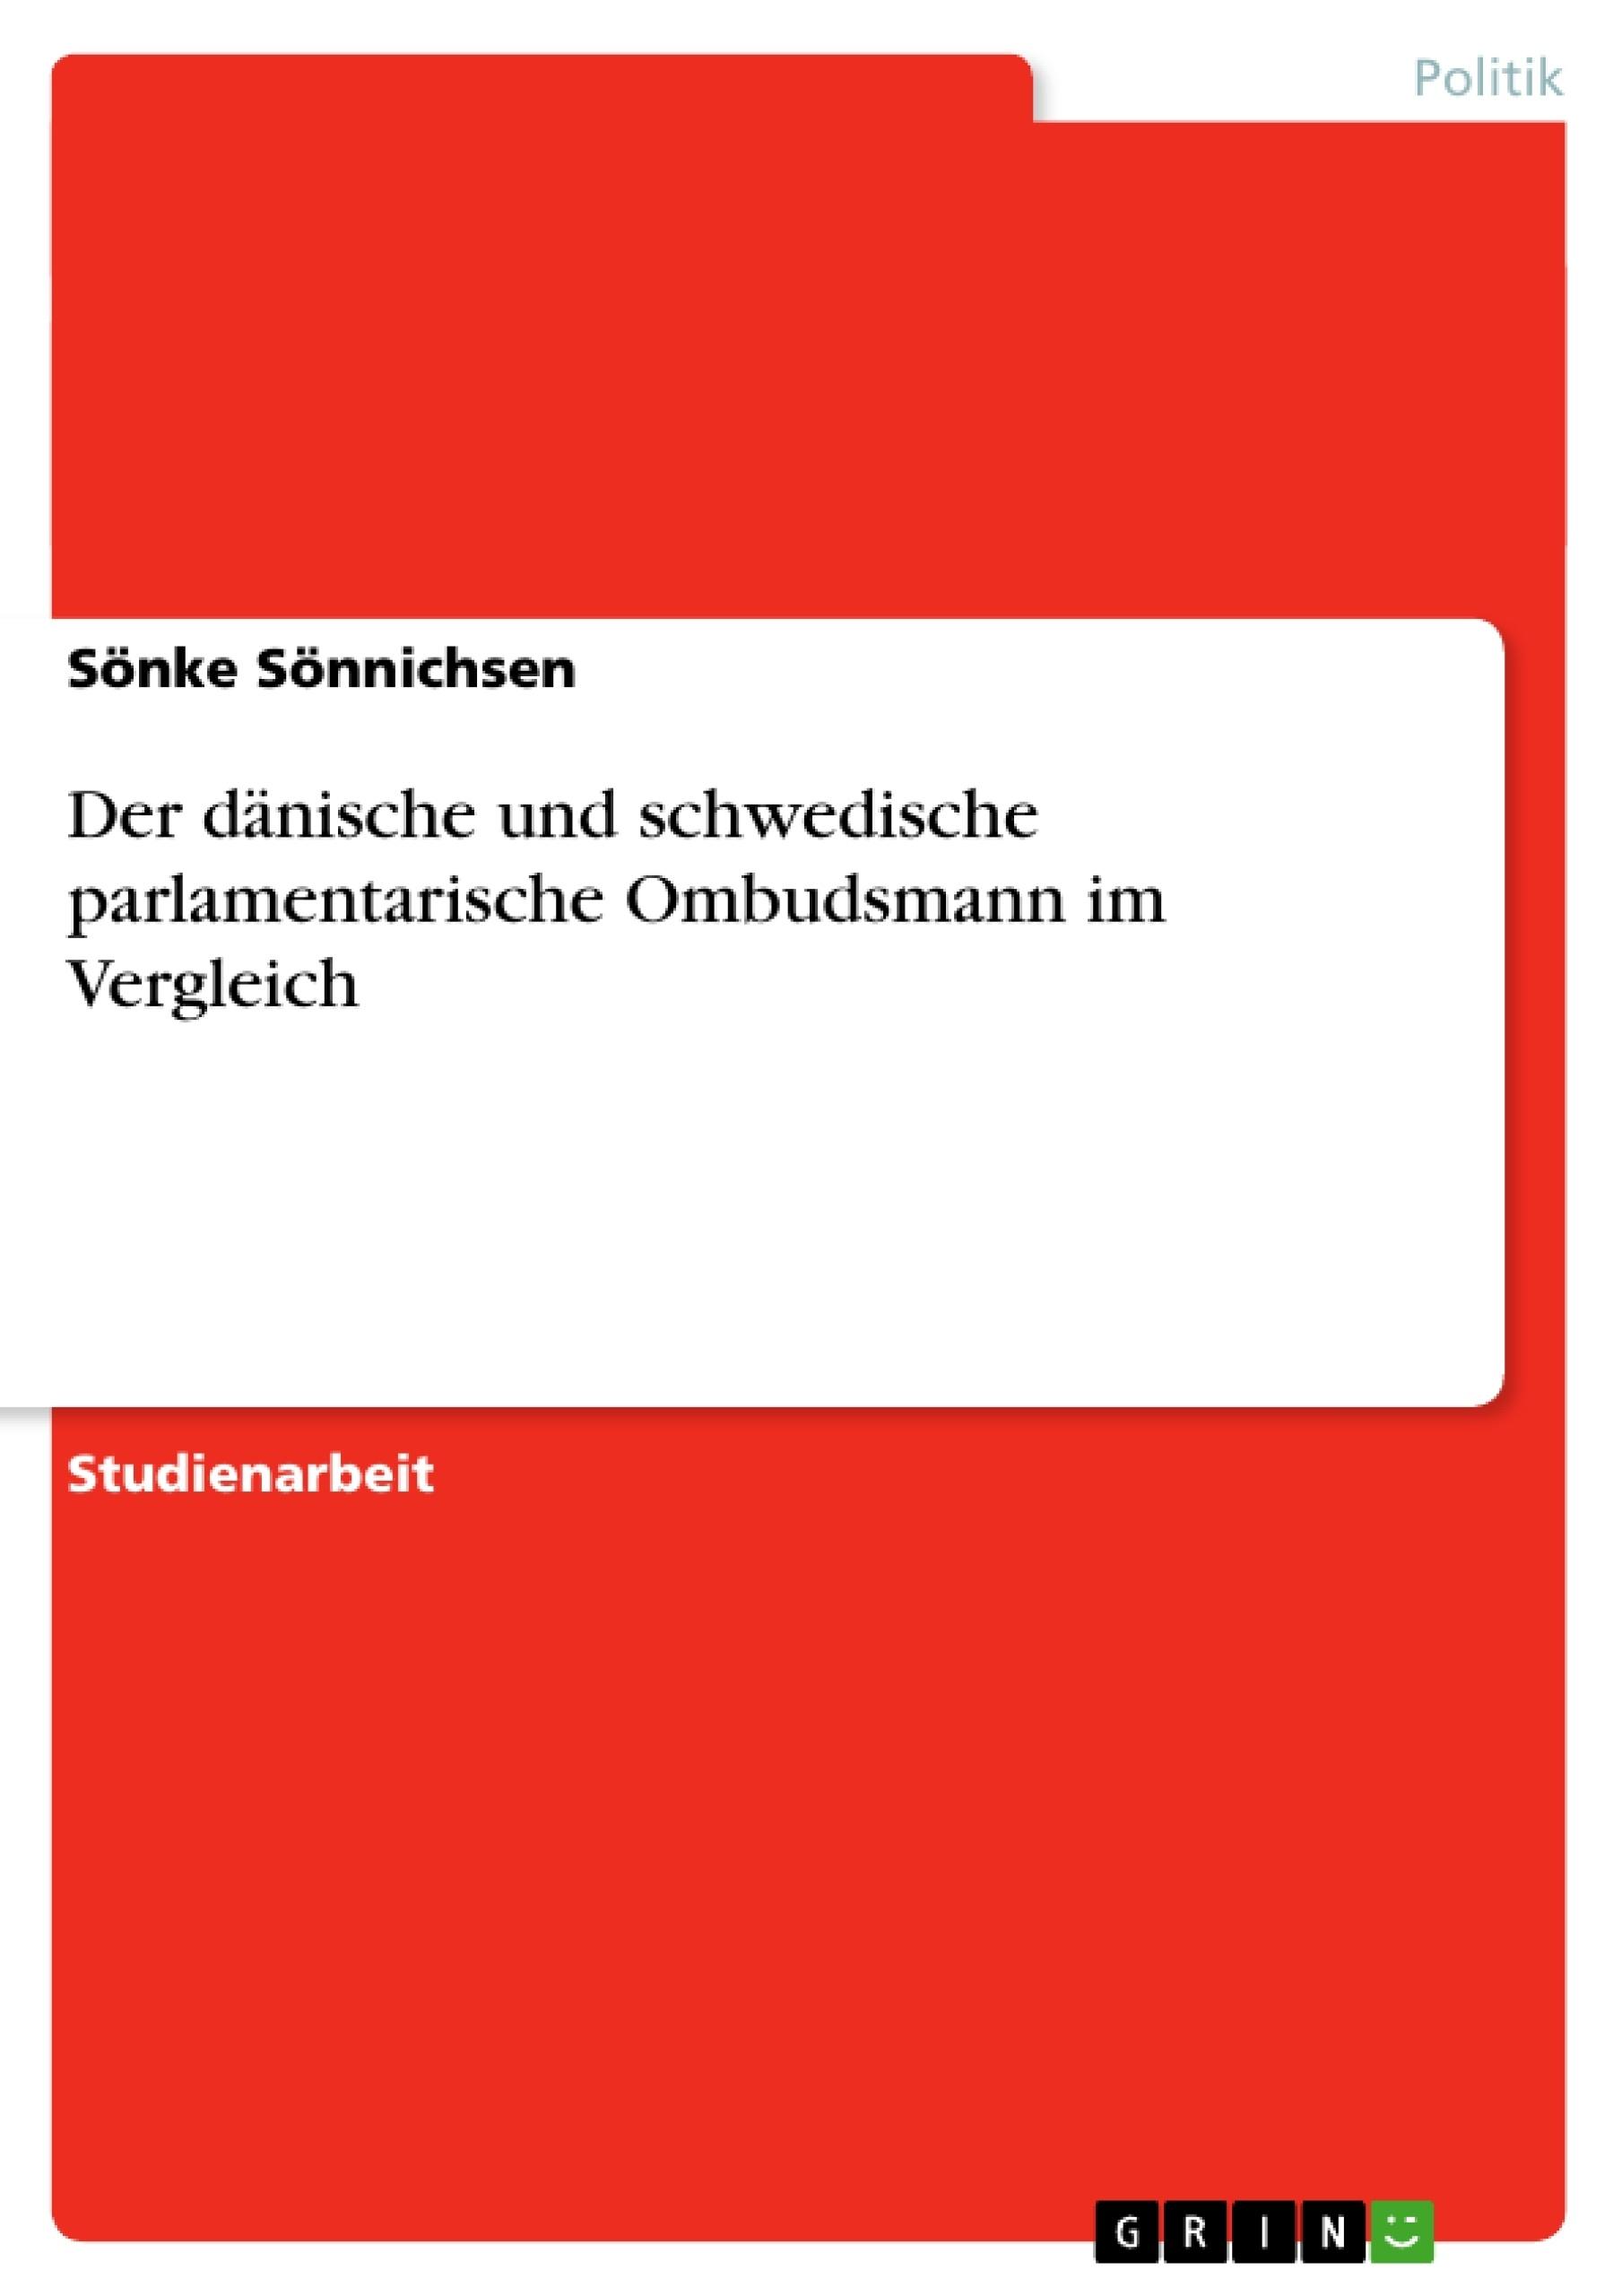 Titel: Der dänische und schwedische parlamentarische Ombudsmann im Vergleich